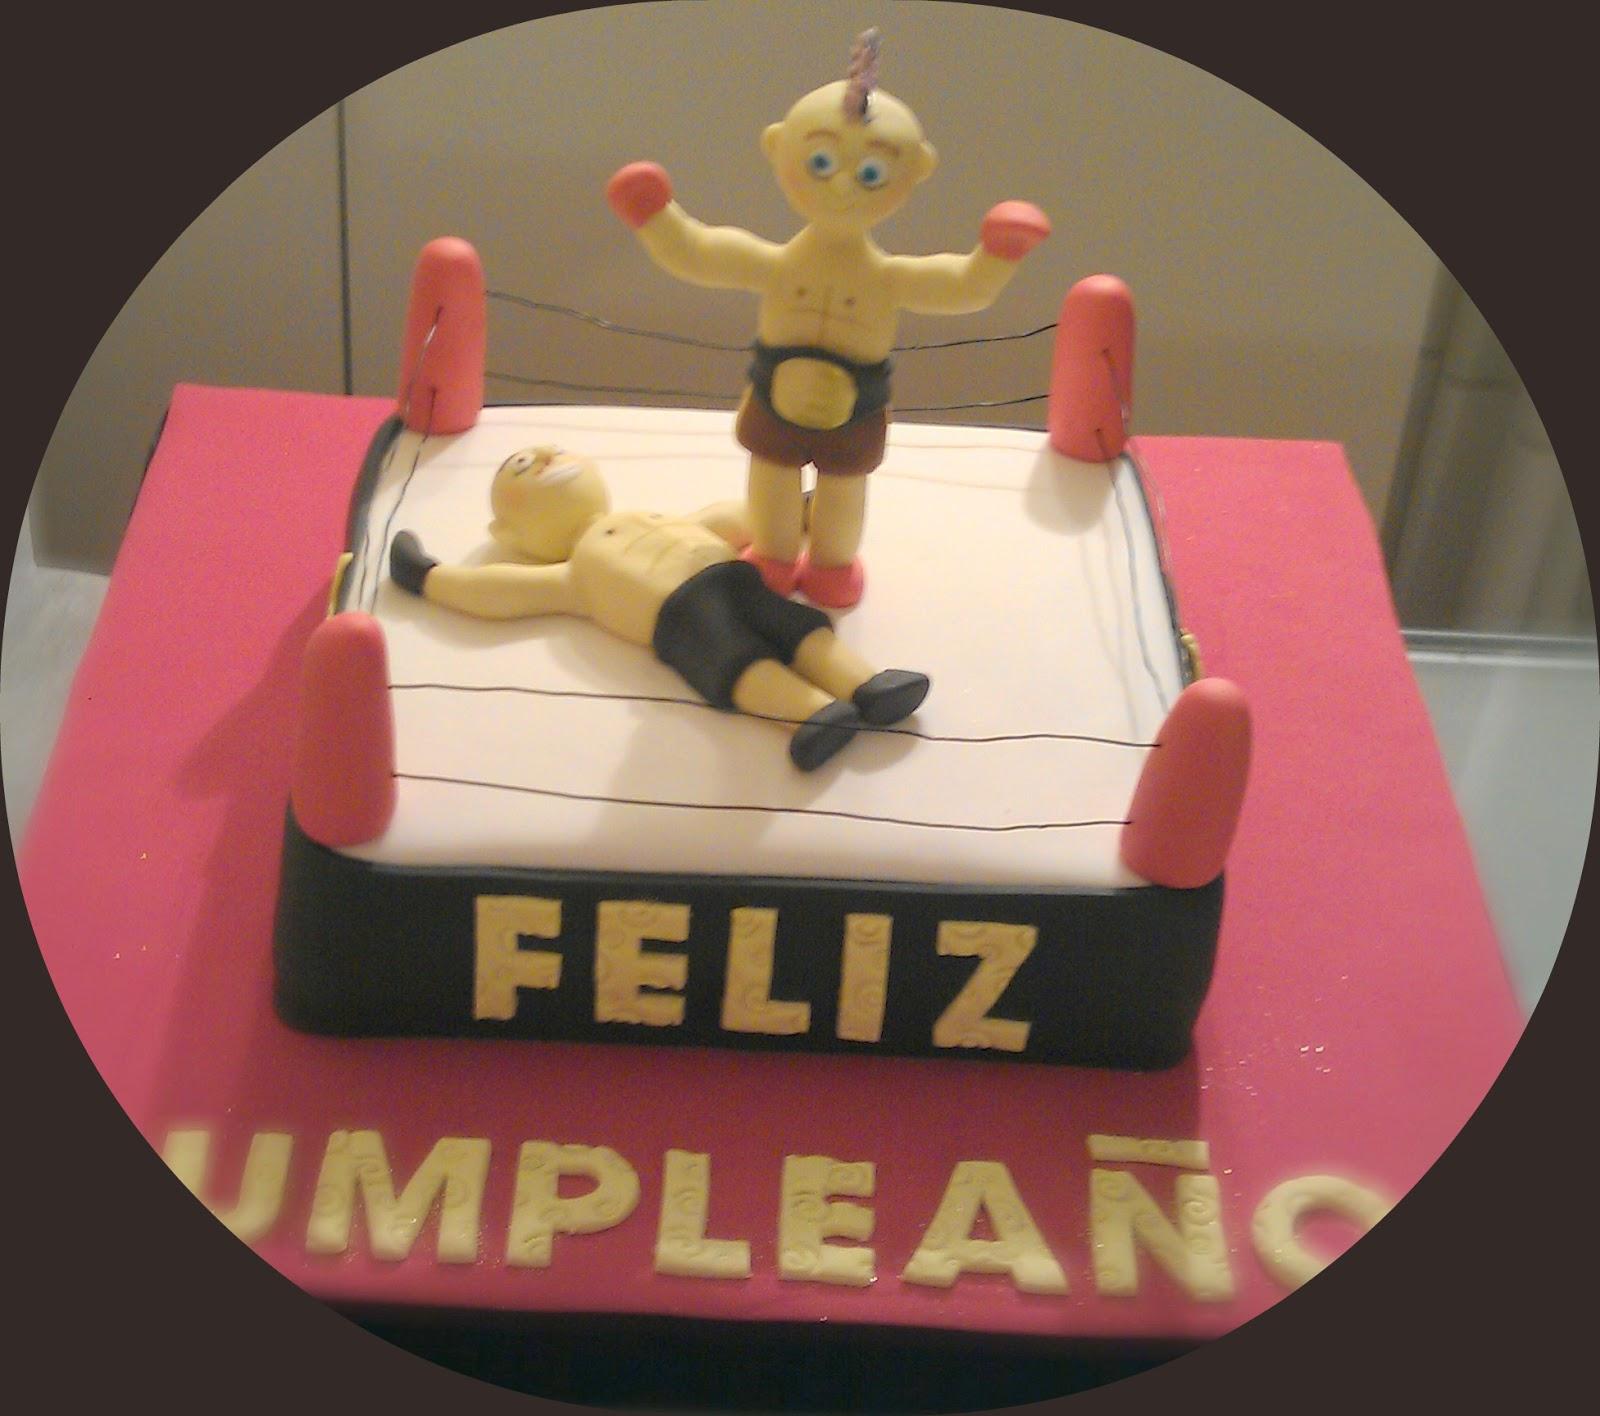 ¡Feliz cumpleaños Xhaps! Face